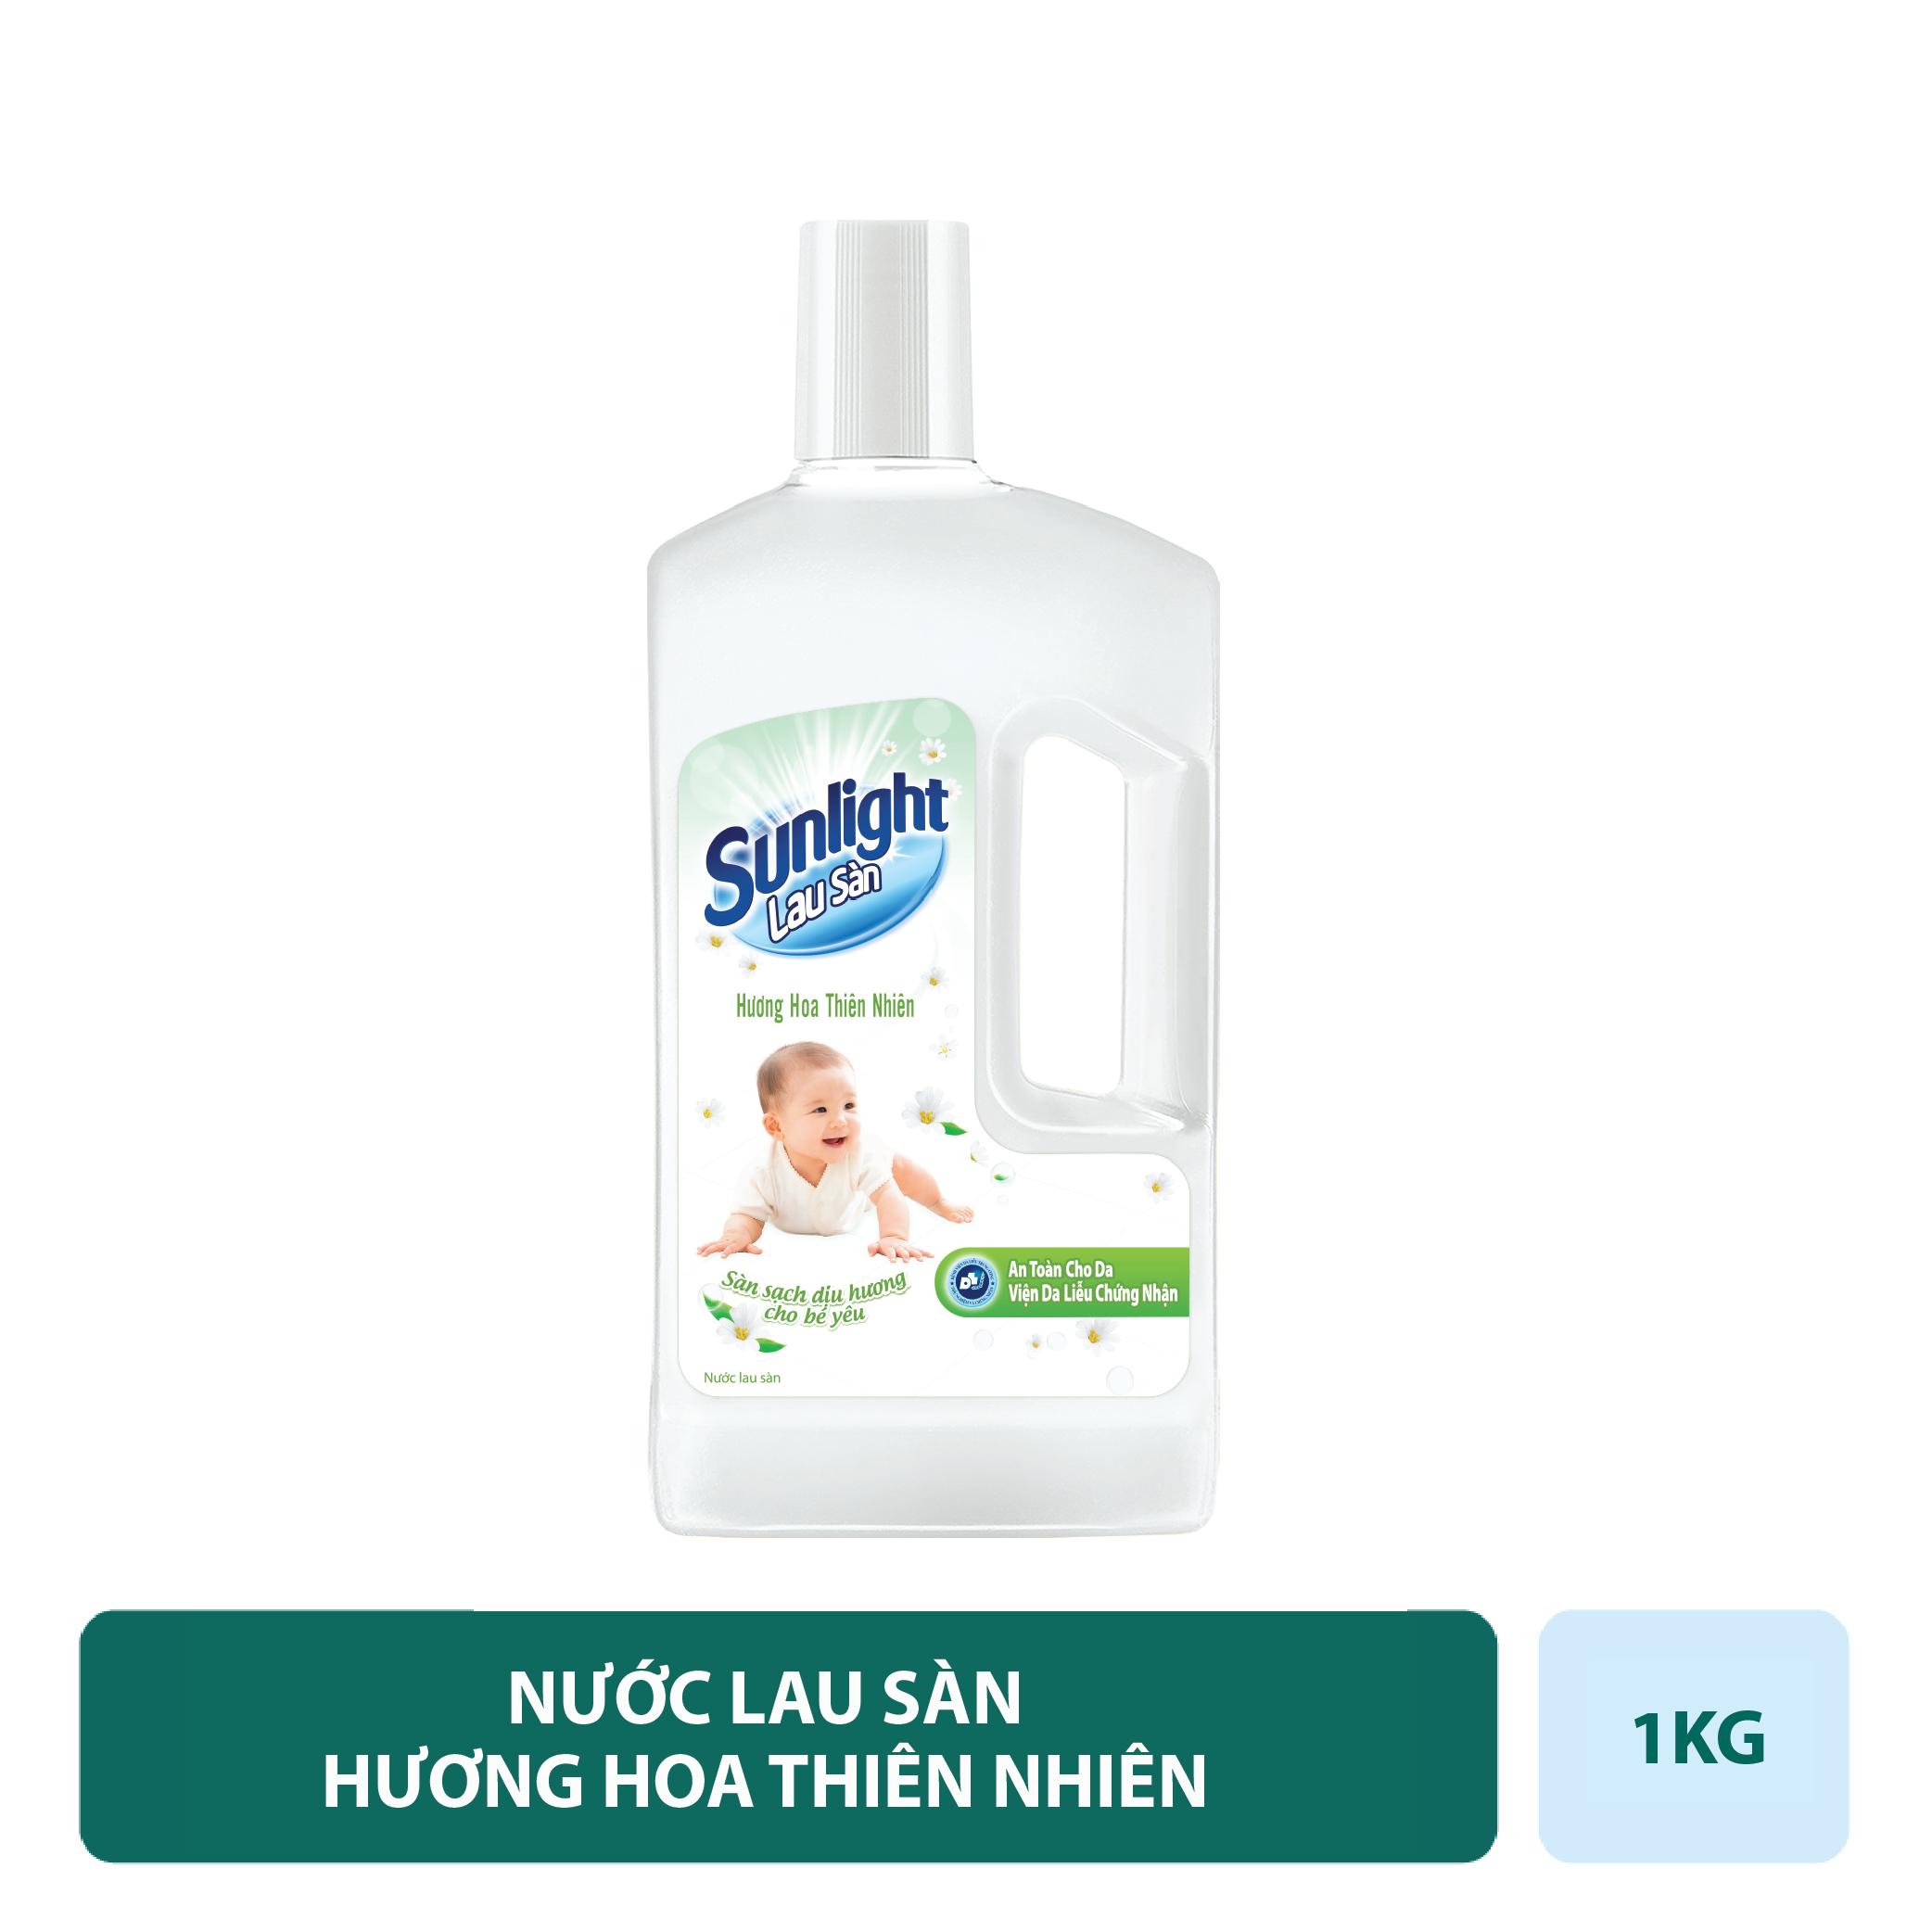 Nước Lau Sàn Sunlight Hương Hoa Thiên Nhiên 1kg